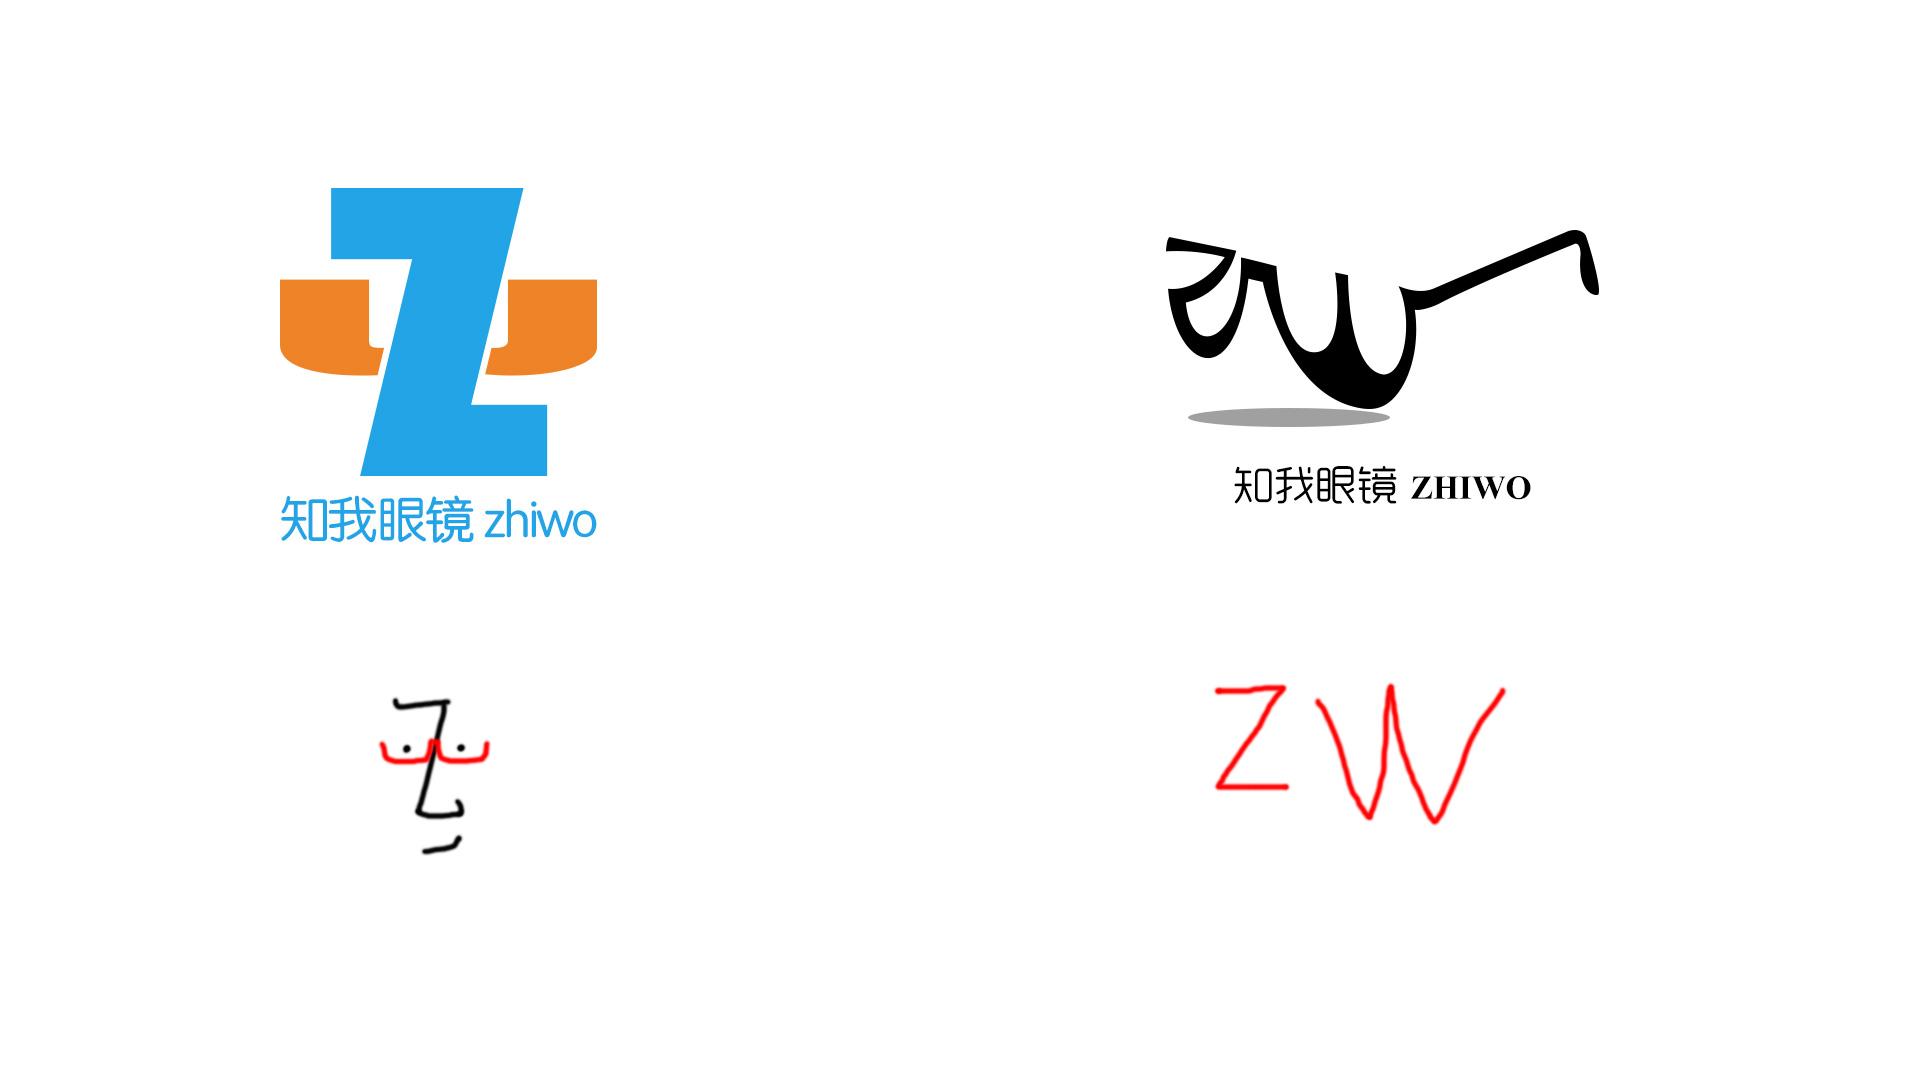 眼镜店logo图片